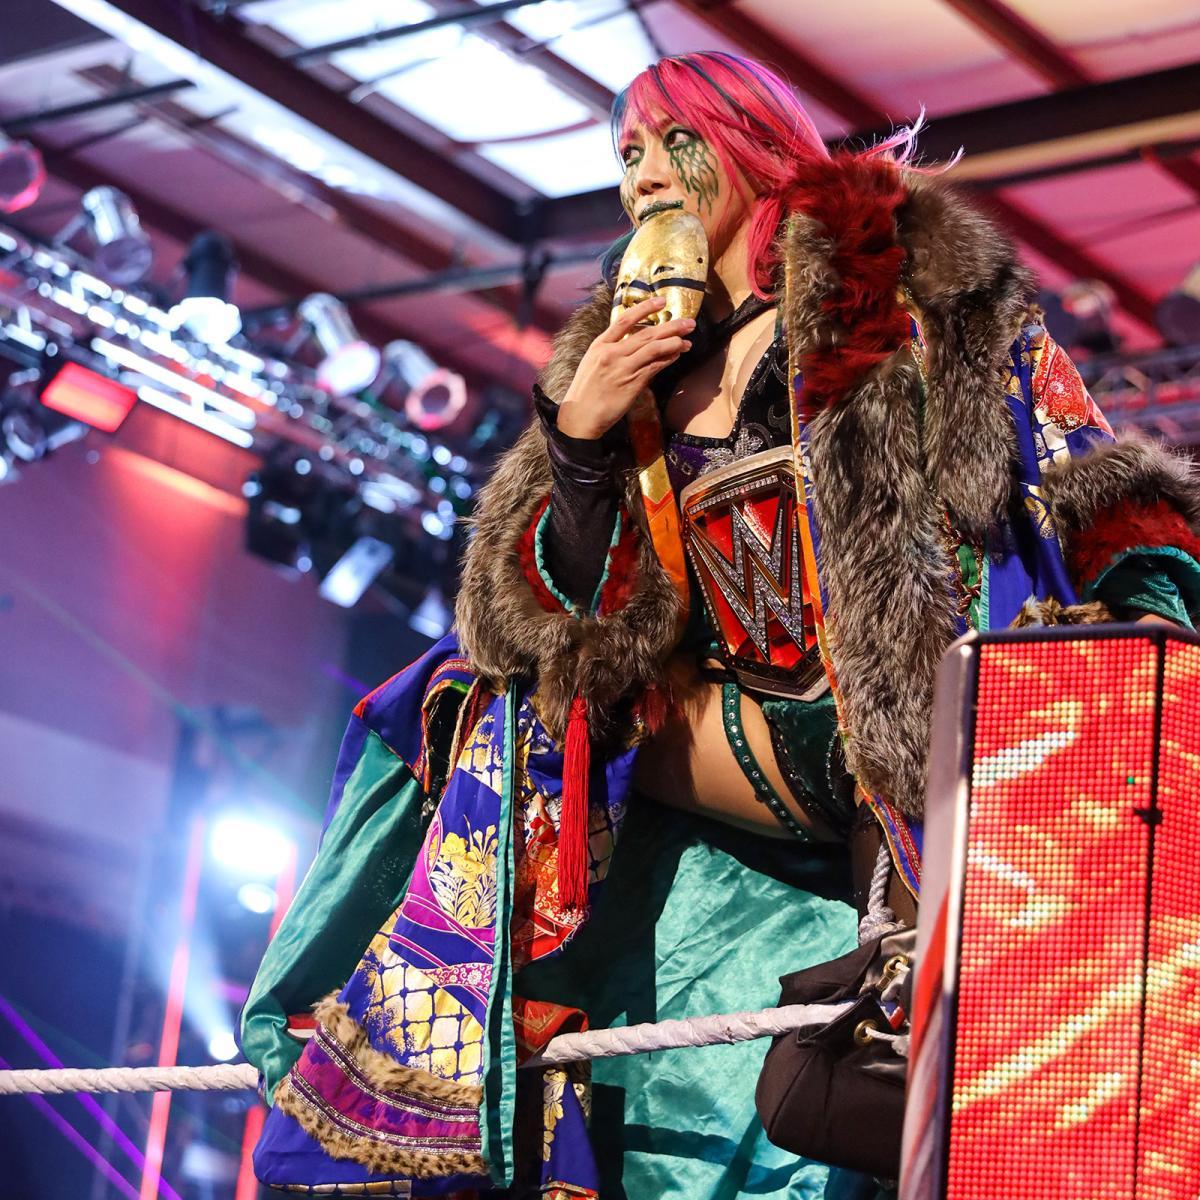 19日(日本時間20日)のロウ大会でシャーロット・フレアーと対戦するアスカ(C)2021 WWE, Inc. All Rights Reserved.